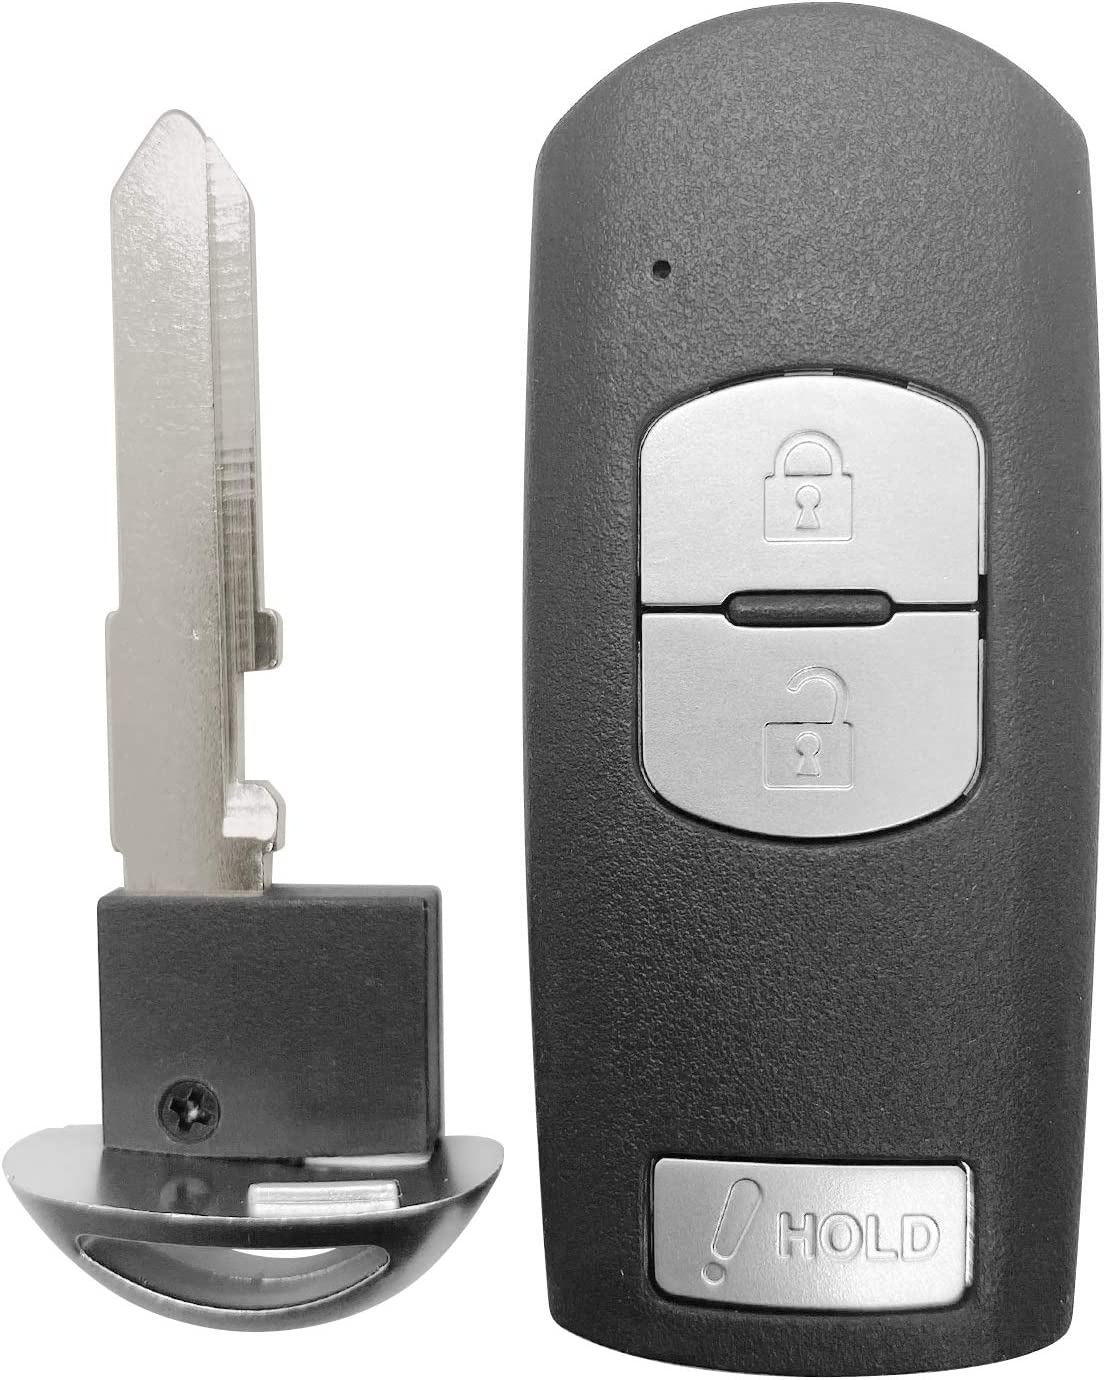 For 2012-2018 Mazda 3 5 CX-3 CX-5 Smart Remote Key Fob 3 Button FCCID:WAZSKE13D01 D02 ;by AUTO KEY MAX SINGLE